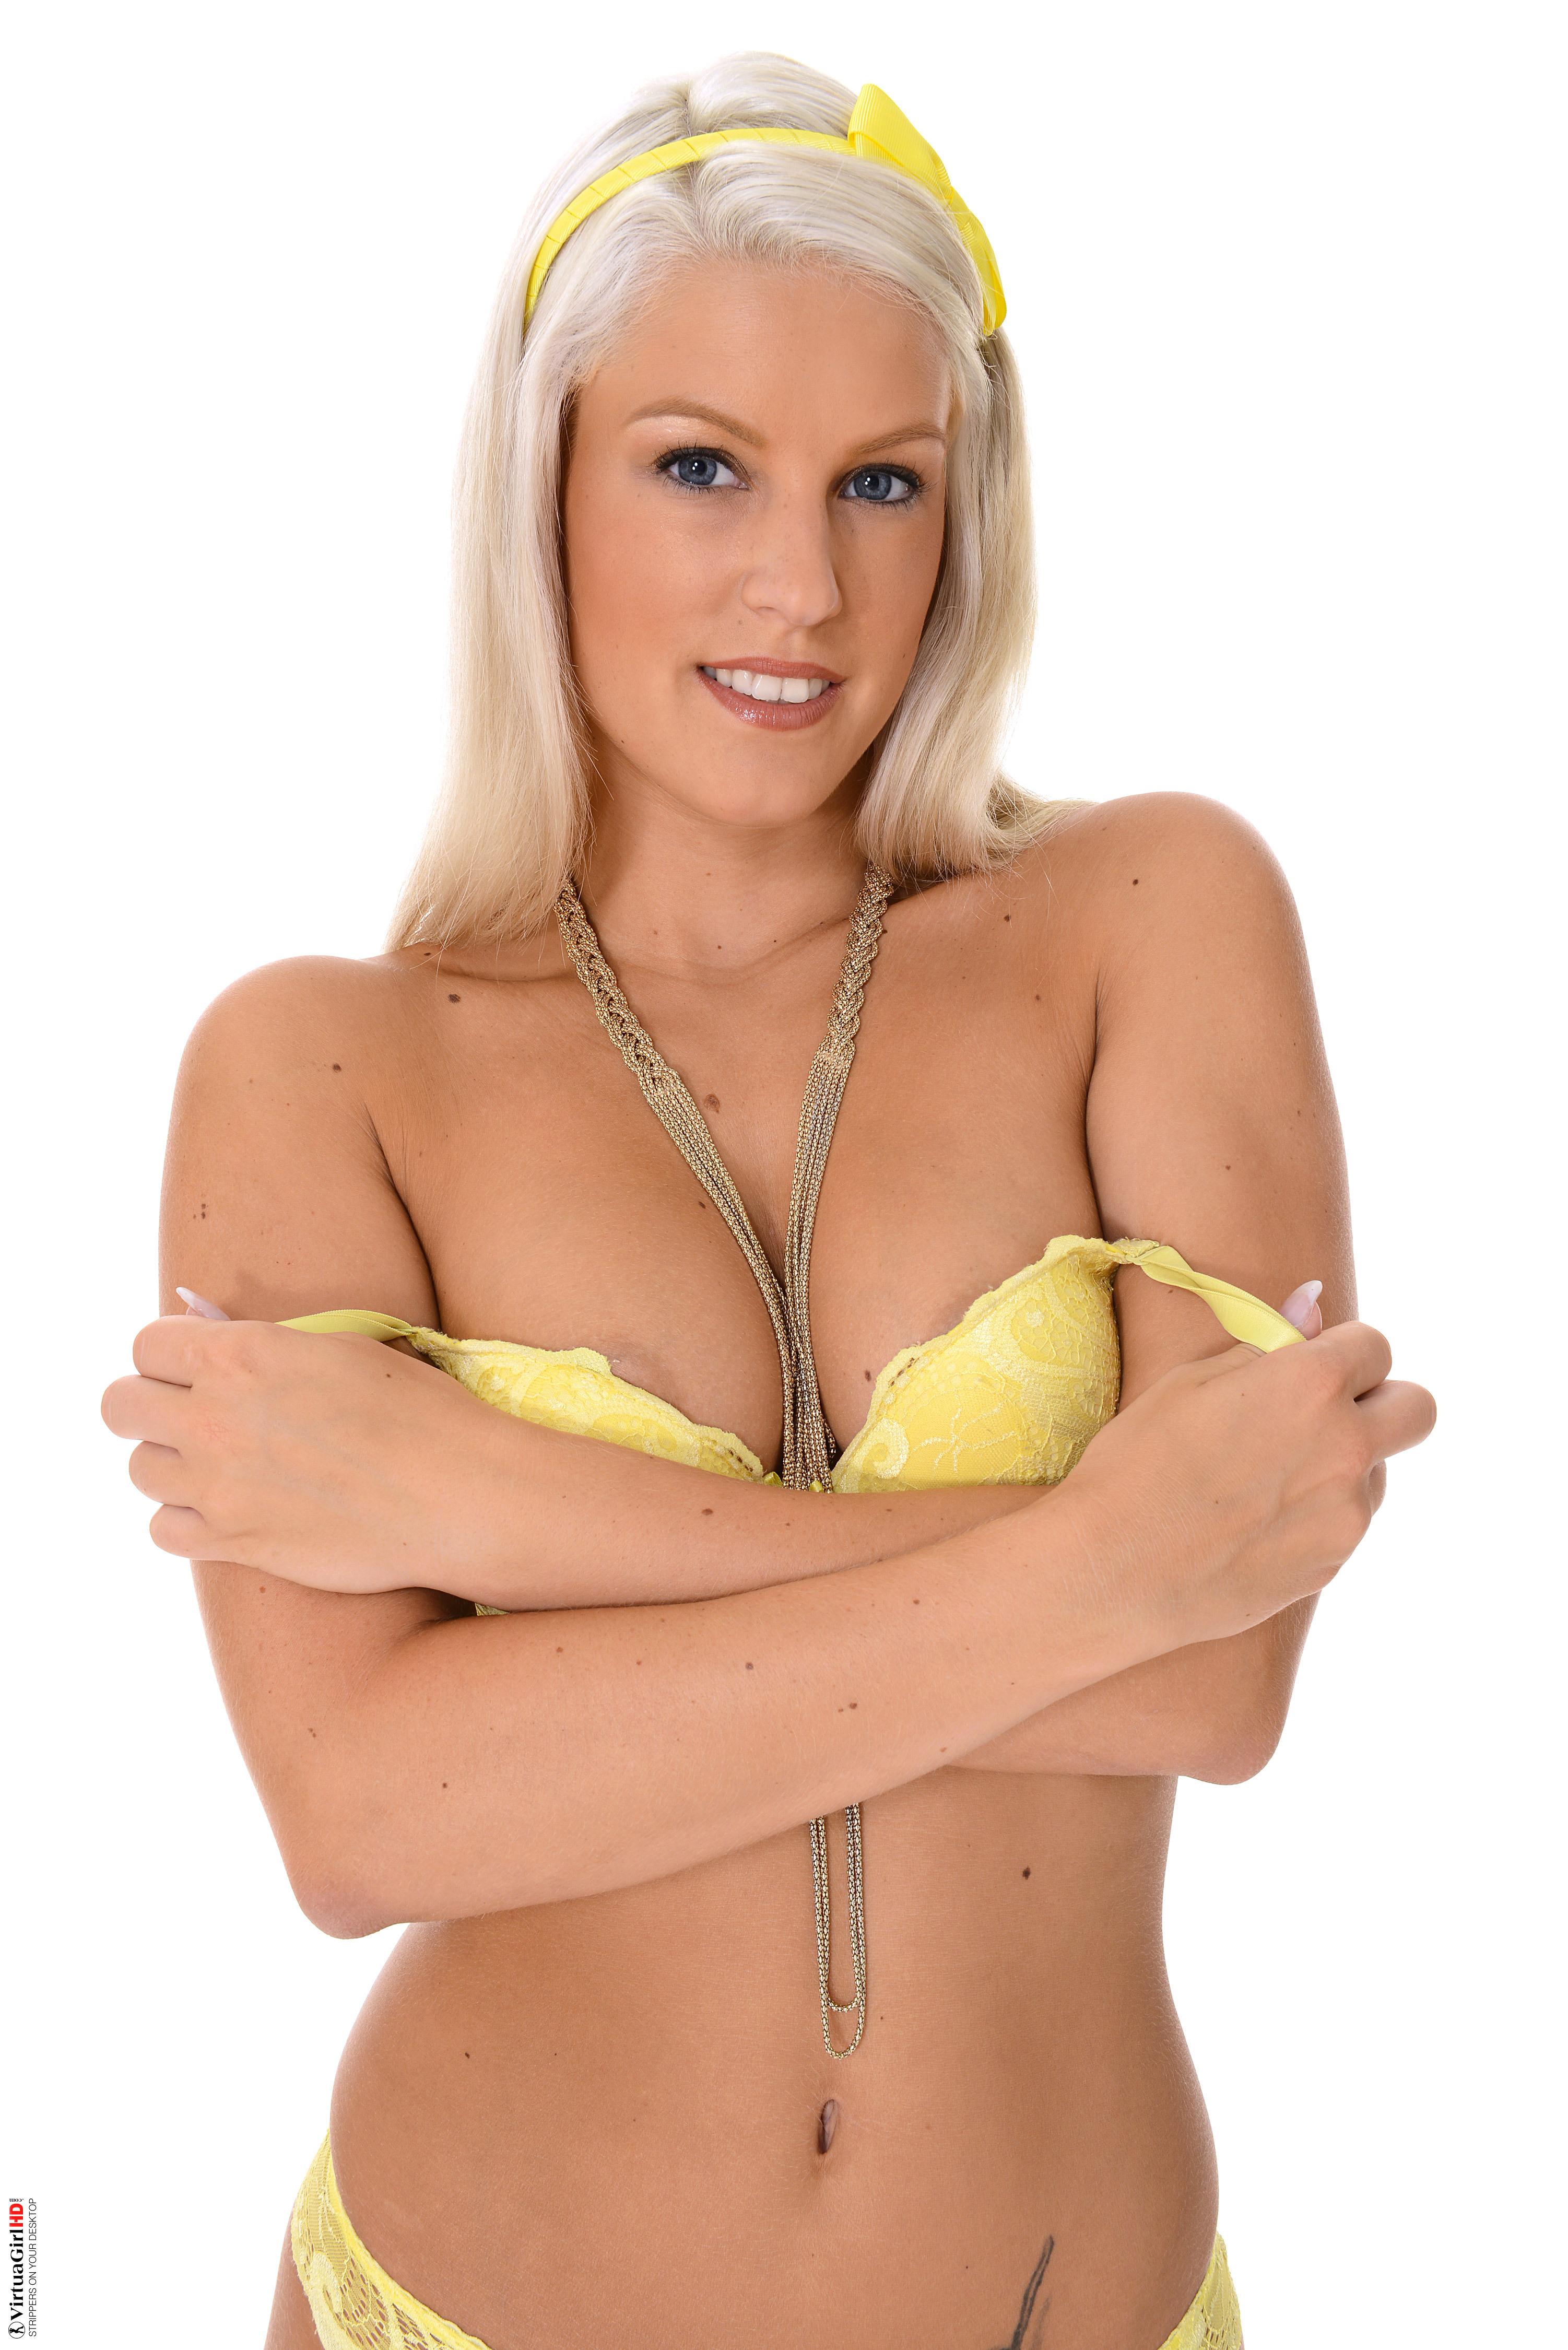 girls naked wallpaper